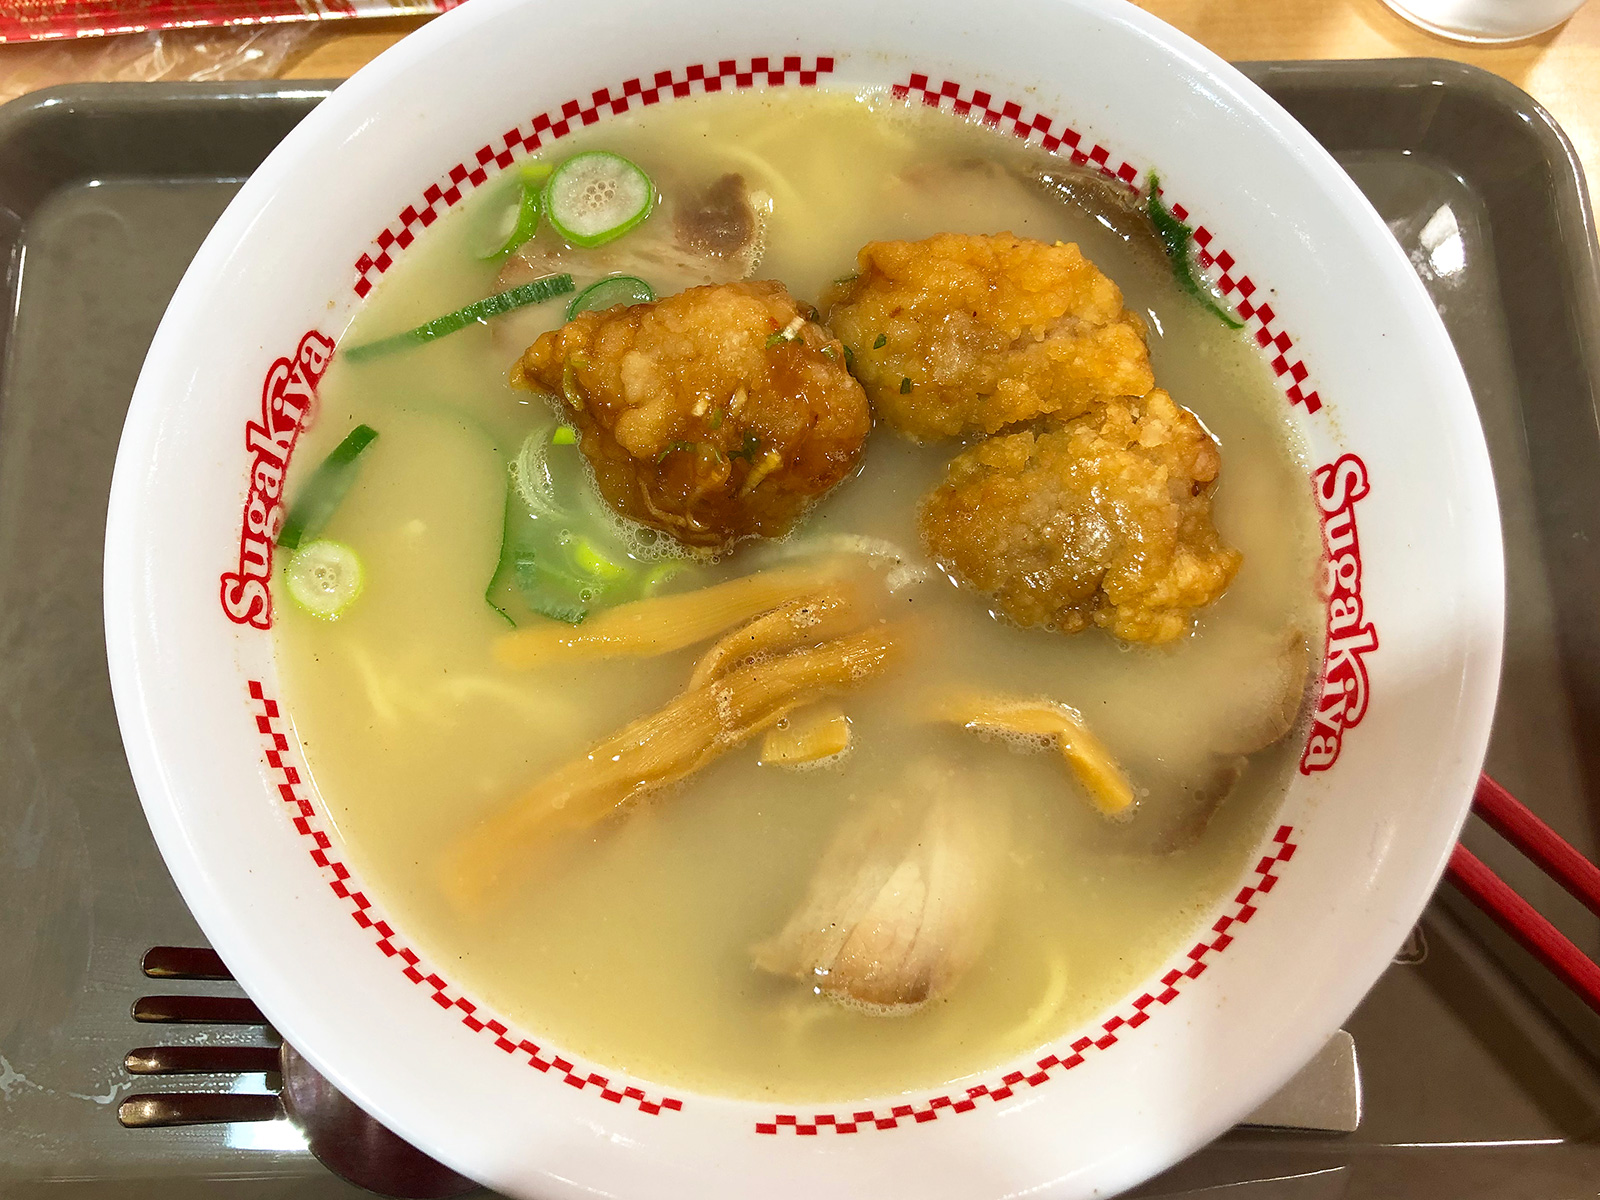 【スーちゃん祭】「スガキヤヨシヅヤ清洲店」の肉入りラーメンと油淋鶏とクリームぜんざい @清須市清洲